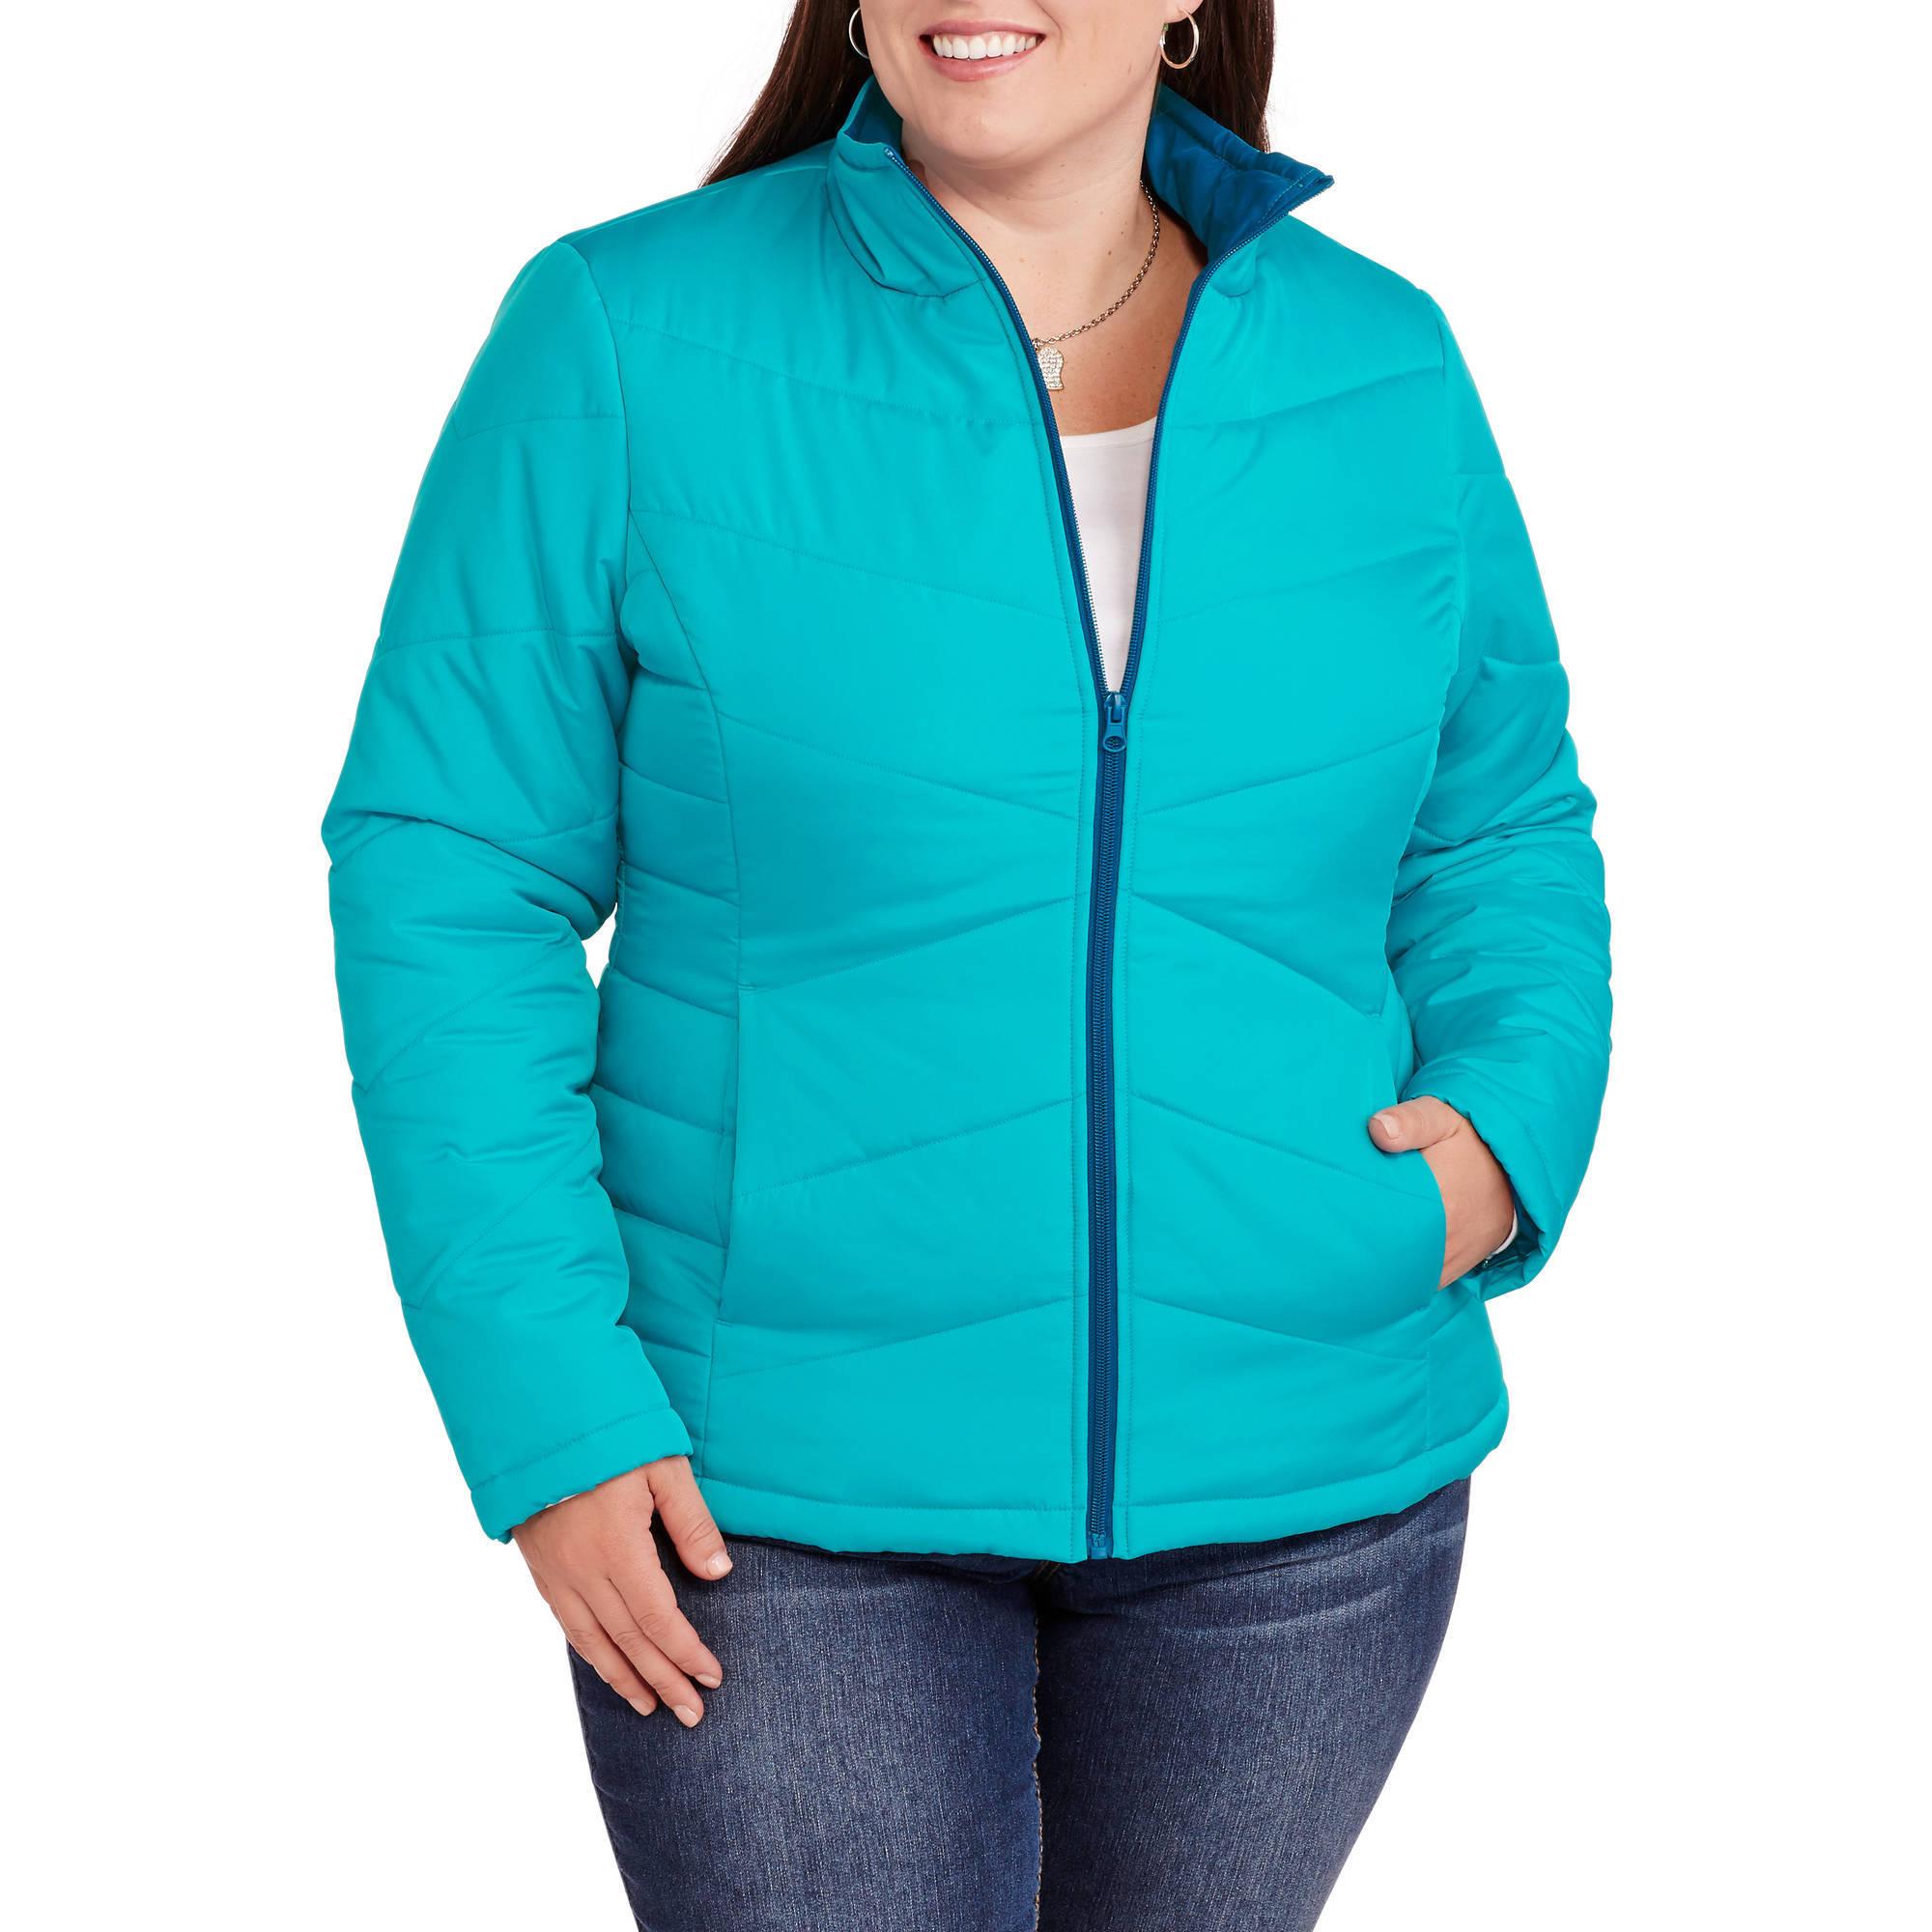 Women's Plus-Size Lightweight Bubble Jacket